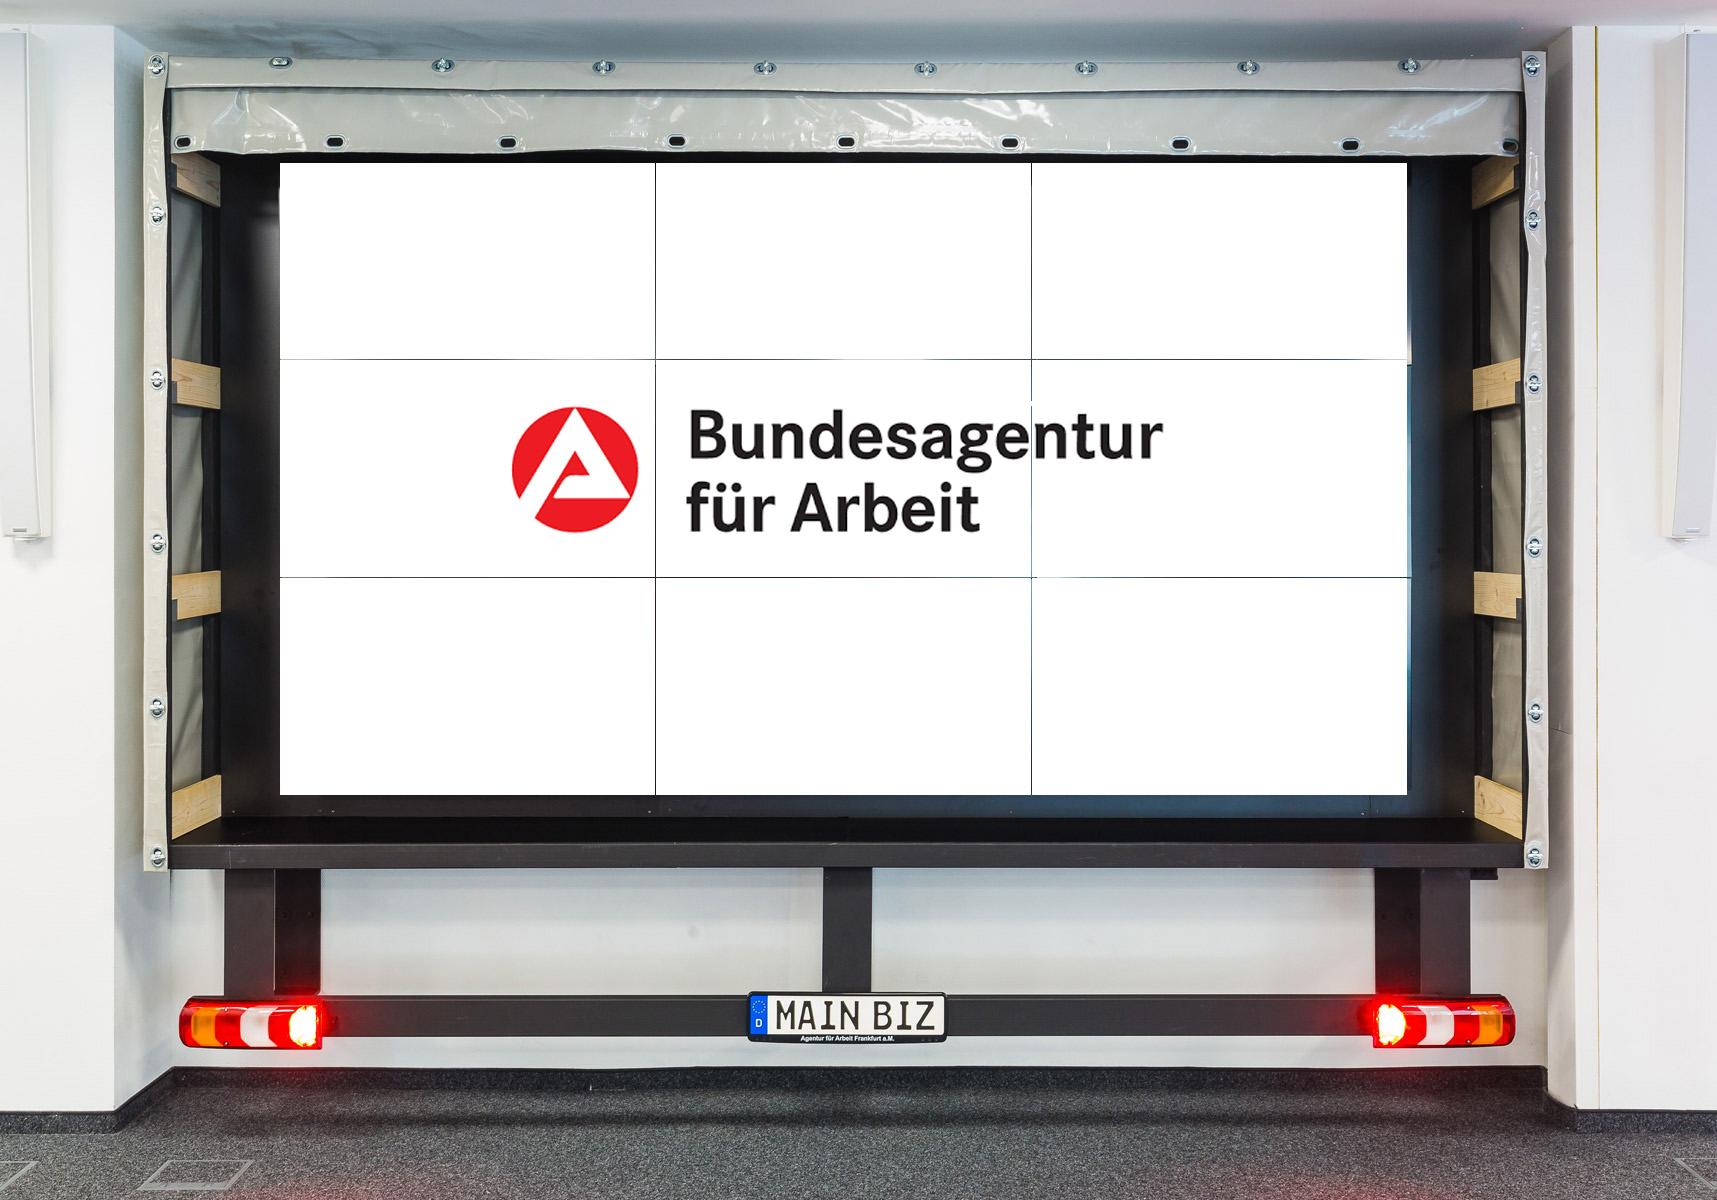 Agentur-für-Arbeit-Main-Biz-Erlebniswelt-Frankfurt-1717-1200_267_2